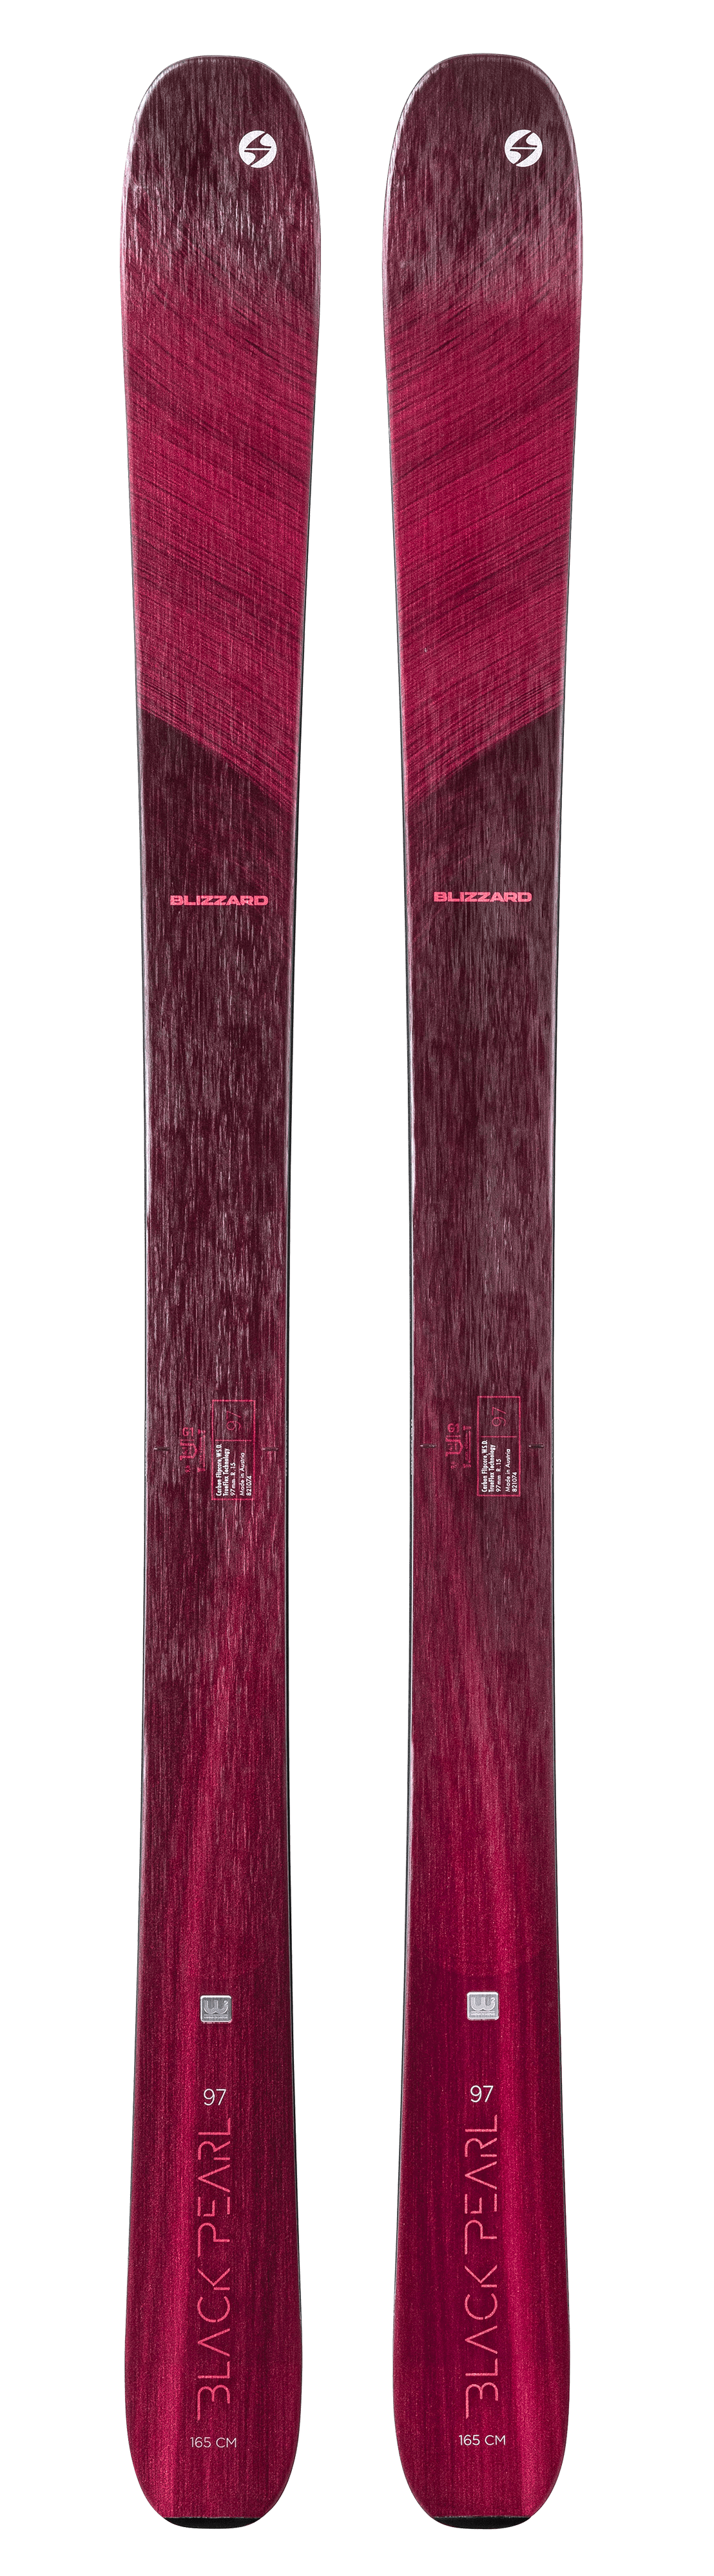 BLACK PEARL 97 (FLAT)